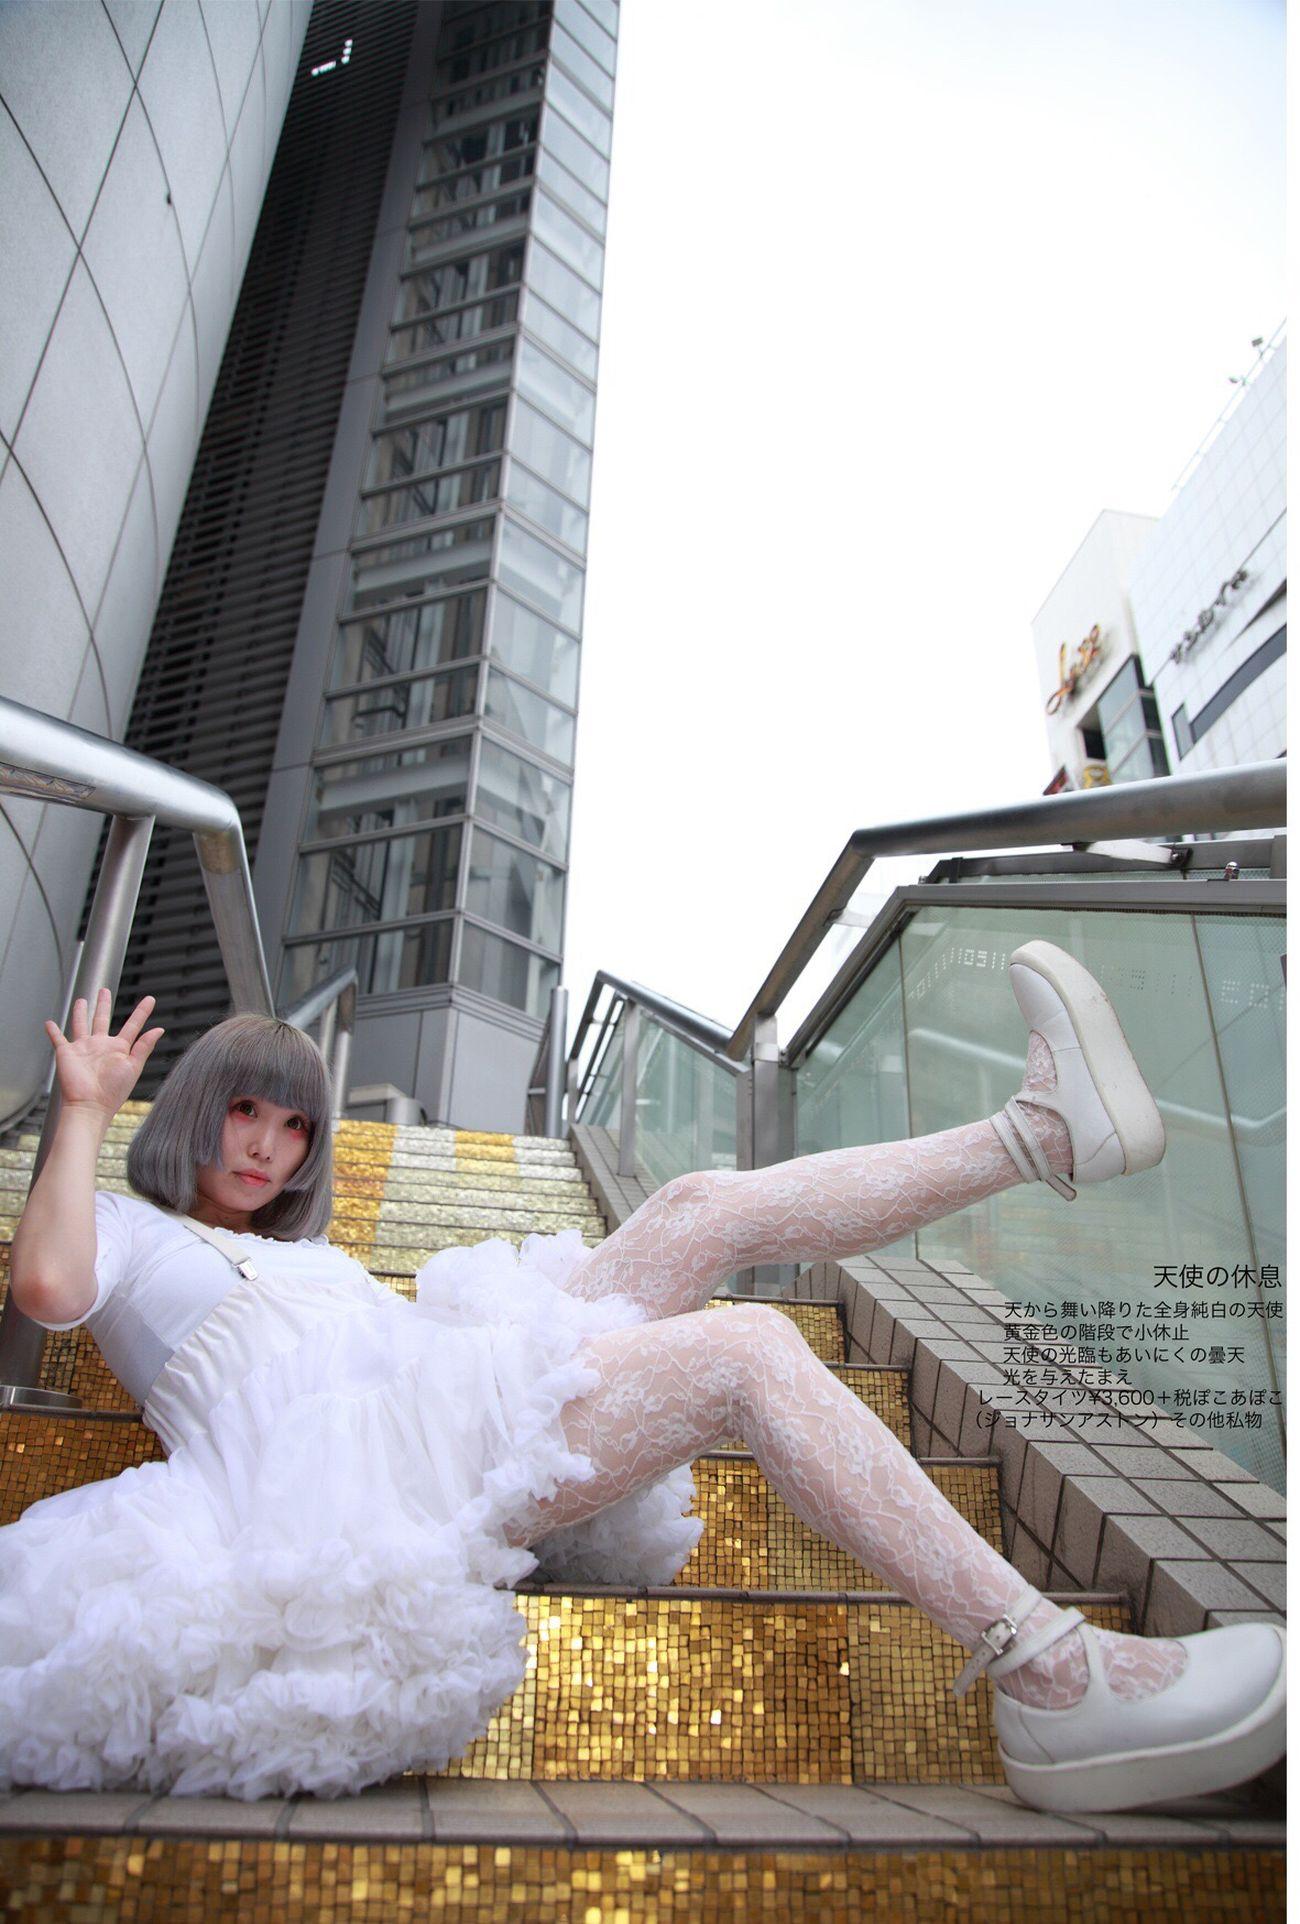 天使が舞い降りる街ただあいにく曇天。晴天なら柔らかい光とともに天使降臨的なシャシンでしたが。 天使に光を!祈るしかない レースタイツ¥3,600+税(黒欠品中) #ぽこあぽこ #タイツ #tights #天使 ぽこあぽこ Pocoapoco タイツ Tights